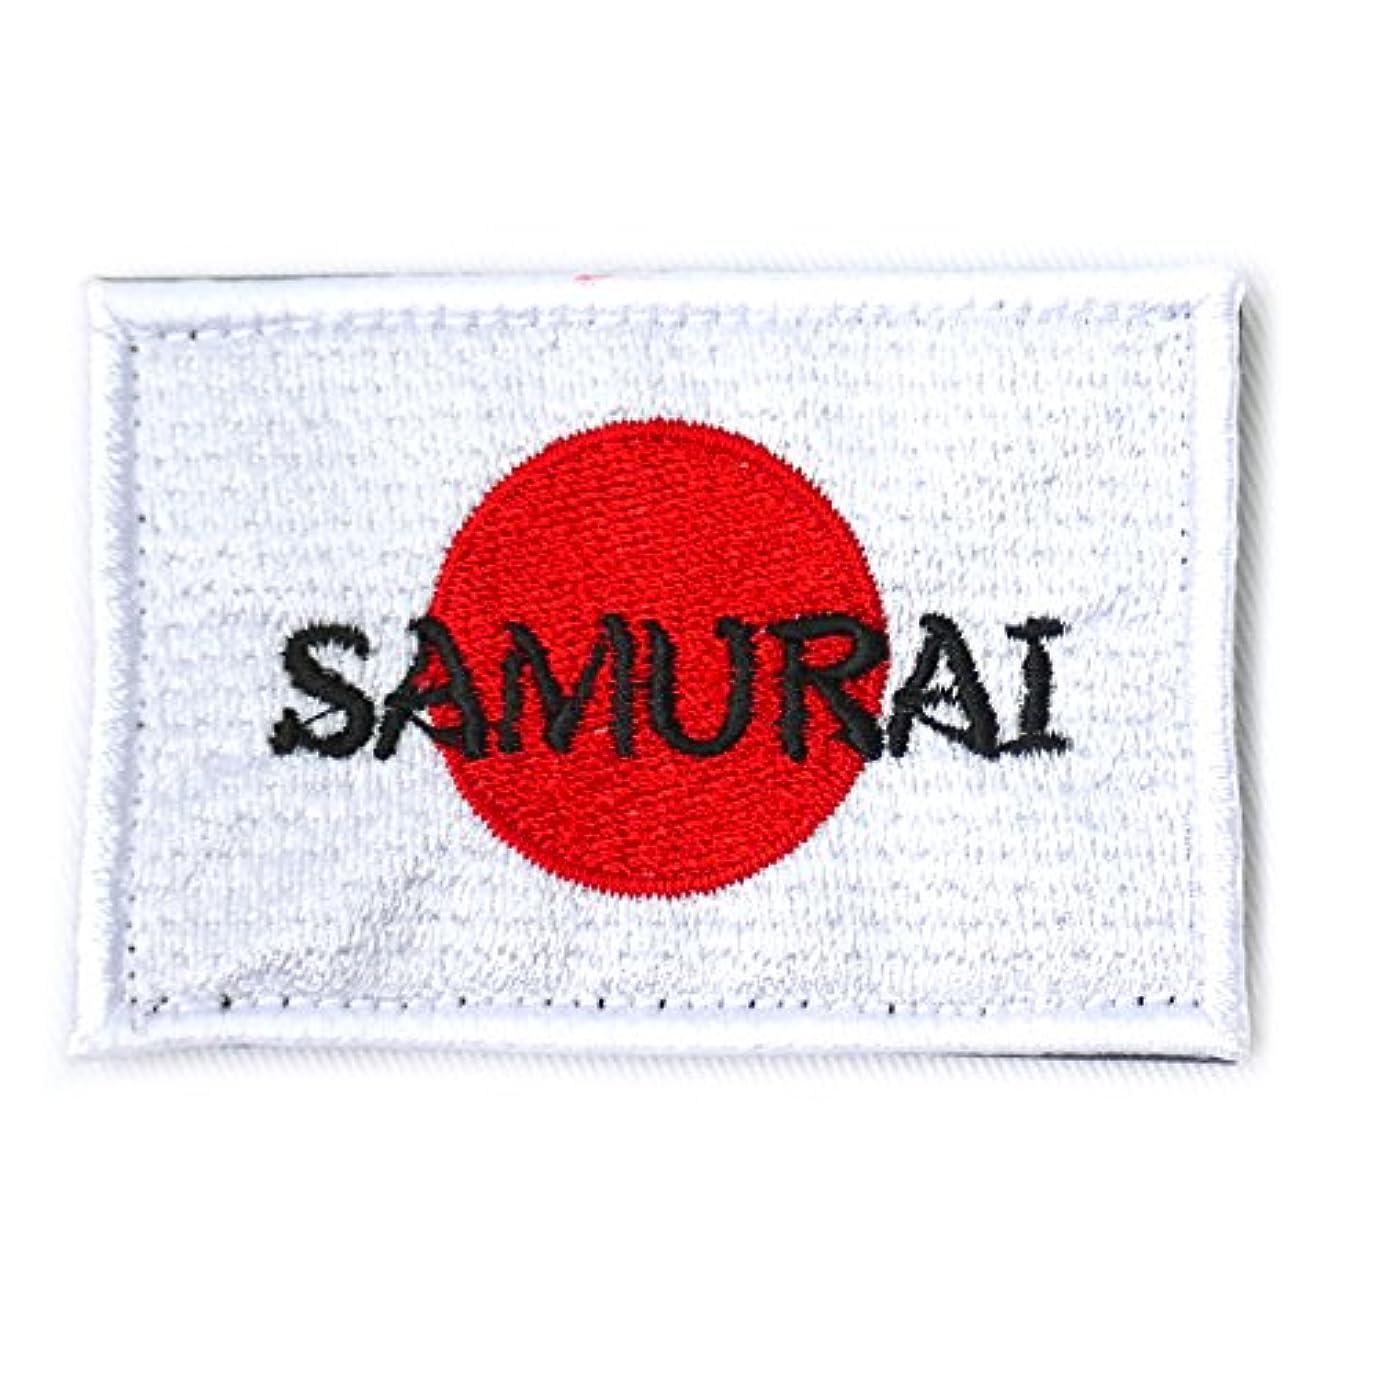 ミケランジェロプラスチック処方自衛隊グッズ 国旗 「SAMURAI」 ワッペン 5.0×7.5ベルクロ付